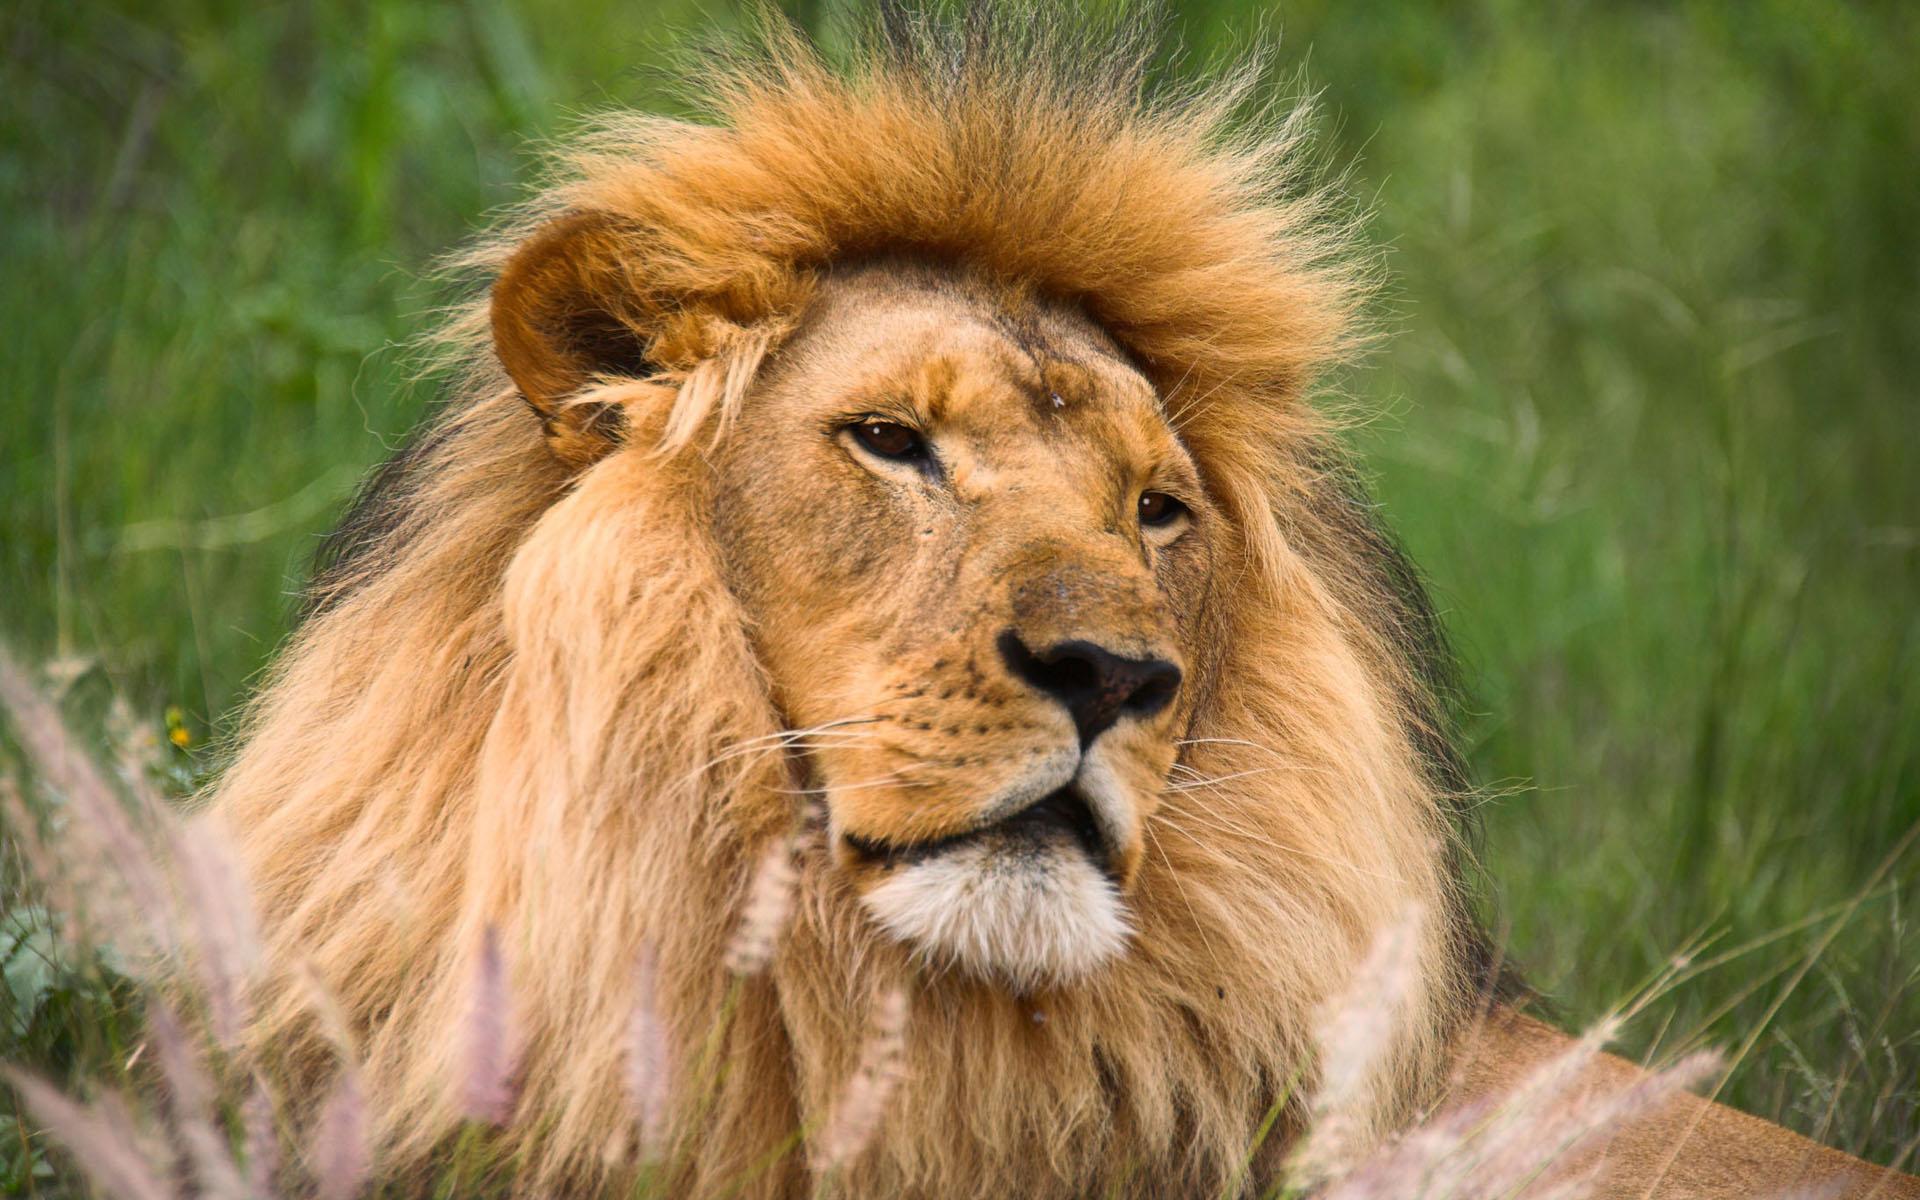 Fotos De Animales Salvajes Para Fondo De Pantalla: Fondos De Pantalla Animales Salvajes Imagui